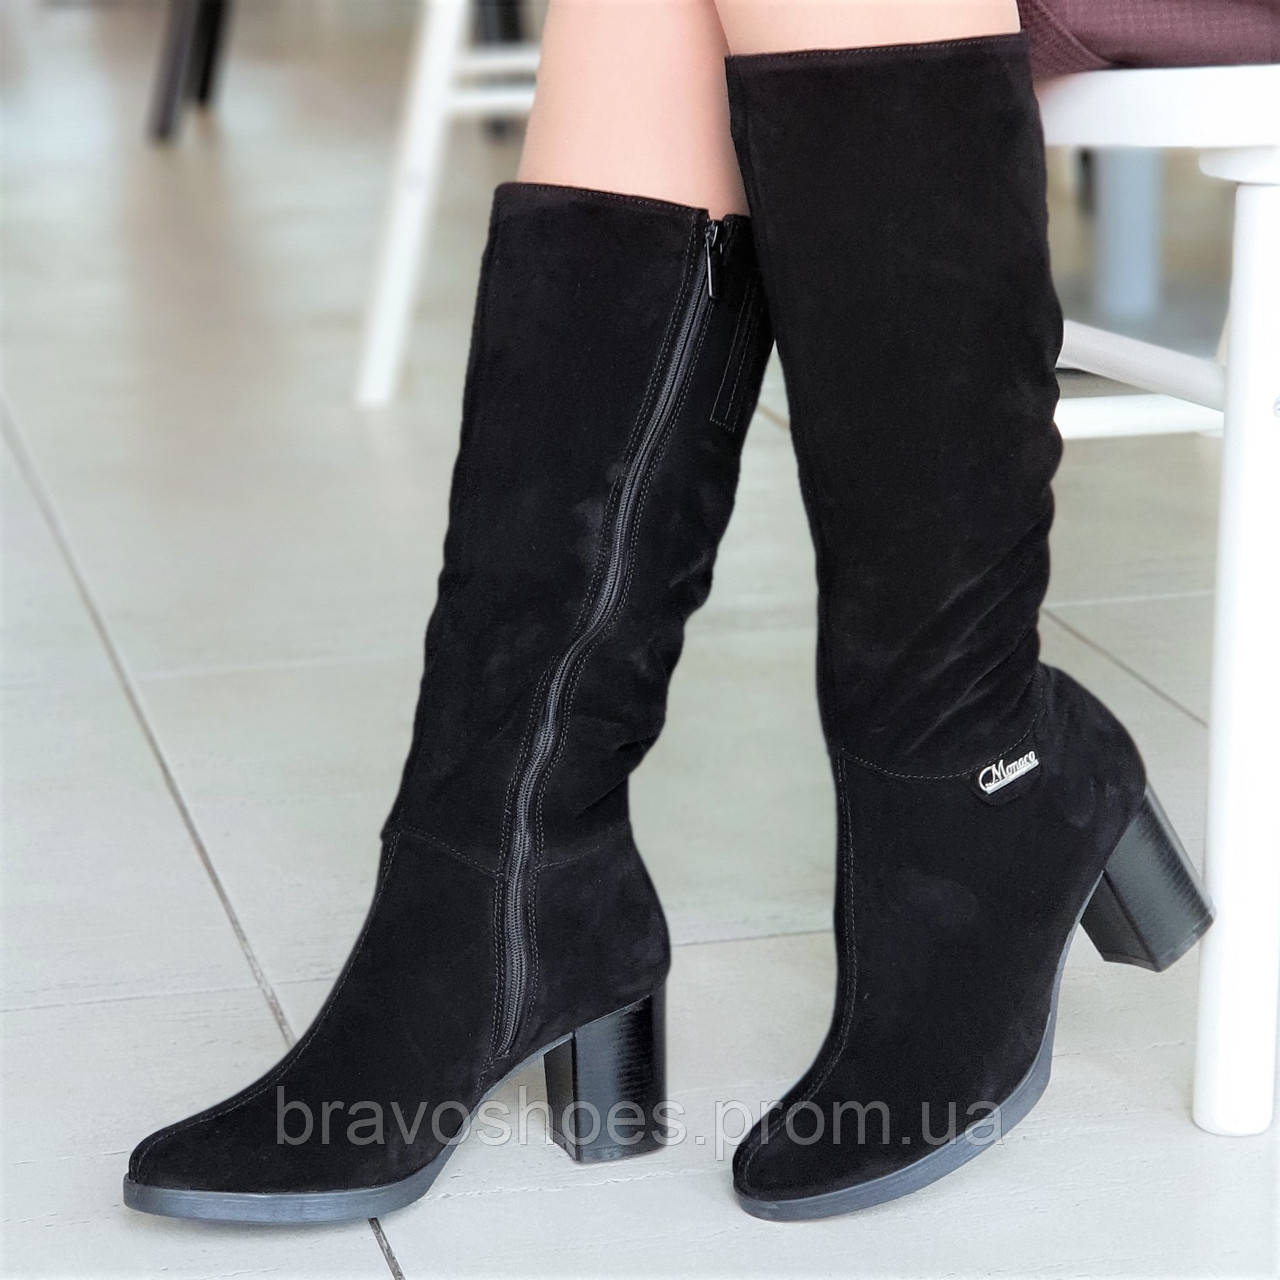 069bea057 Женские зимние модельные сапоги на широком каблуке натуральная замша черные  полушерсть стильные (Код: Б1252а